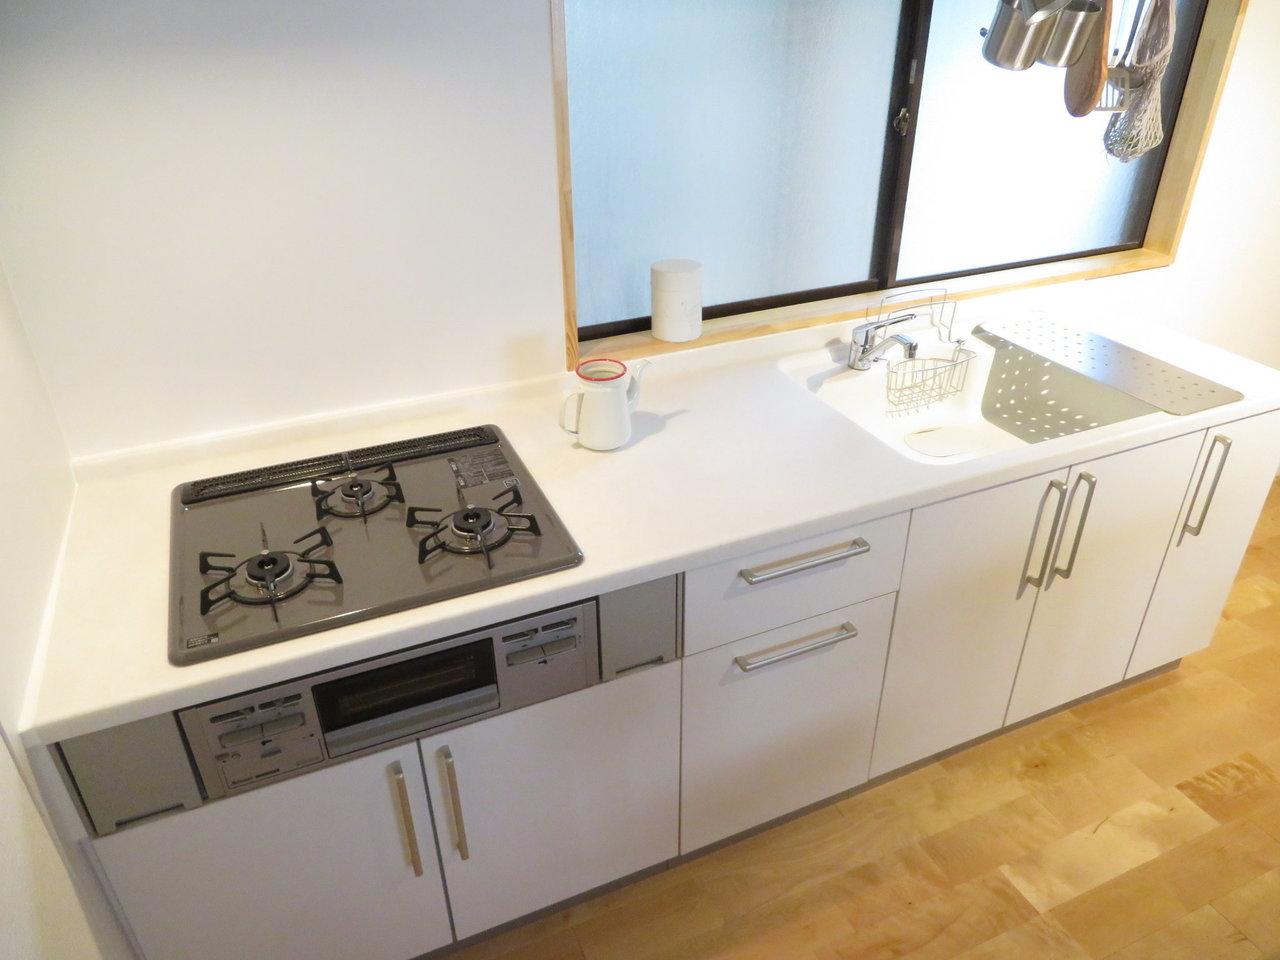 ママが気になるキッチンも、goodroomのオリジナルデザイン。白を基調としているので、汚れが目立たず、かつ部屋の中の印象が明るく感じられますね。